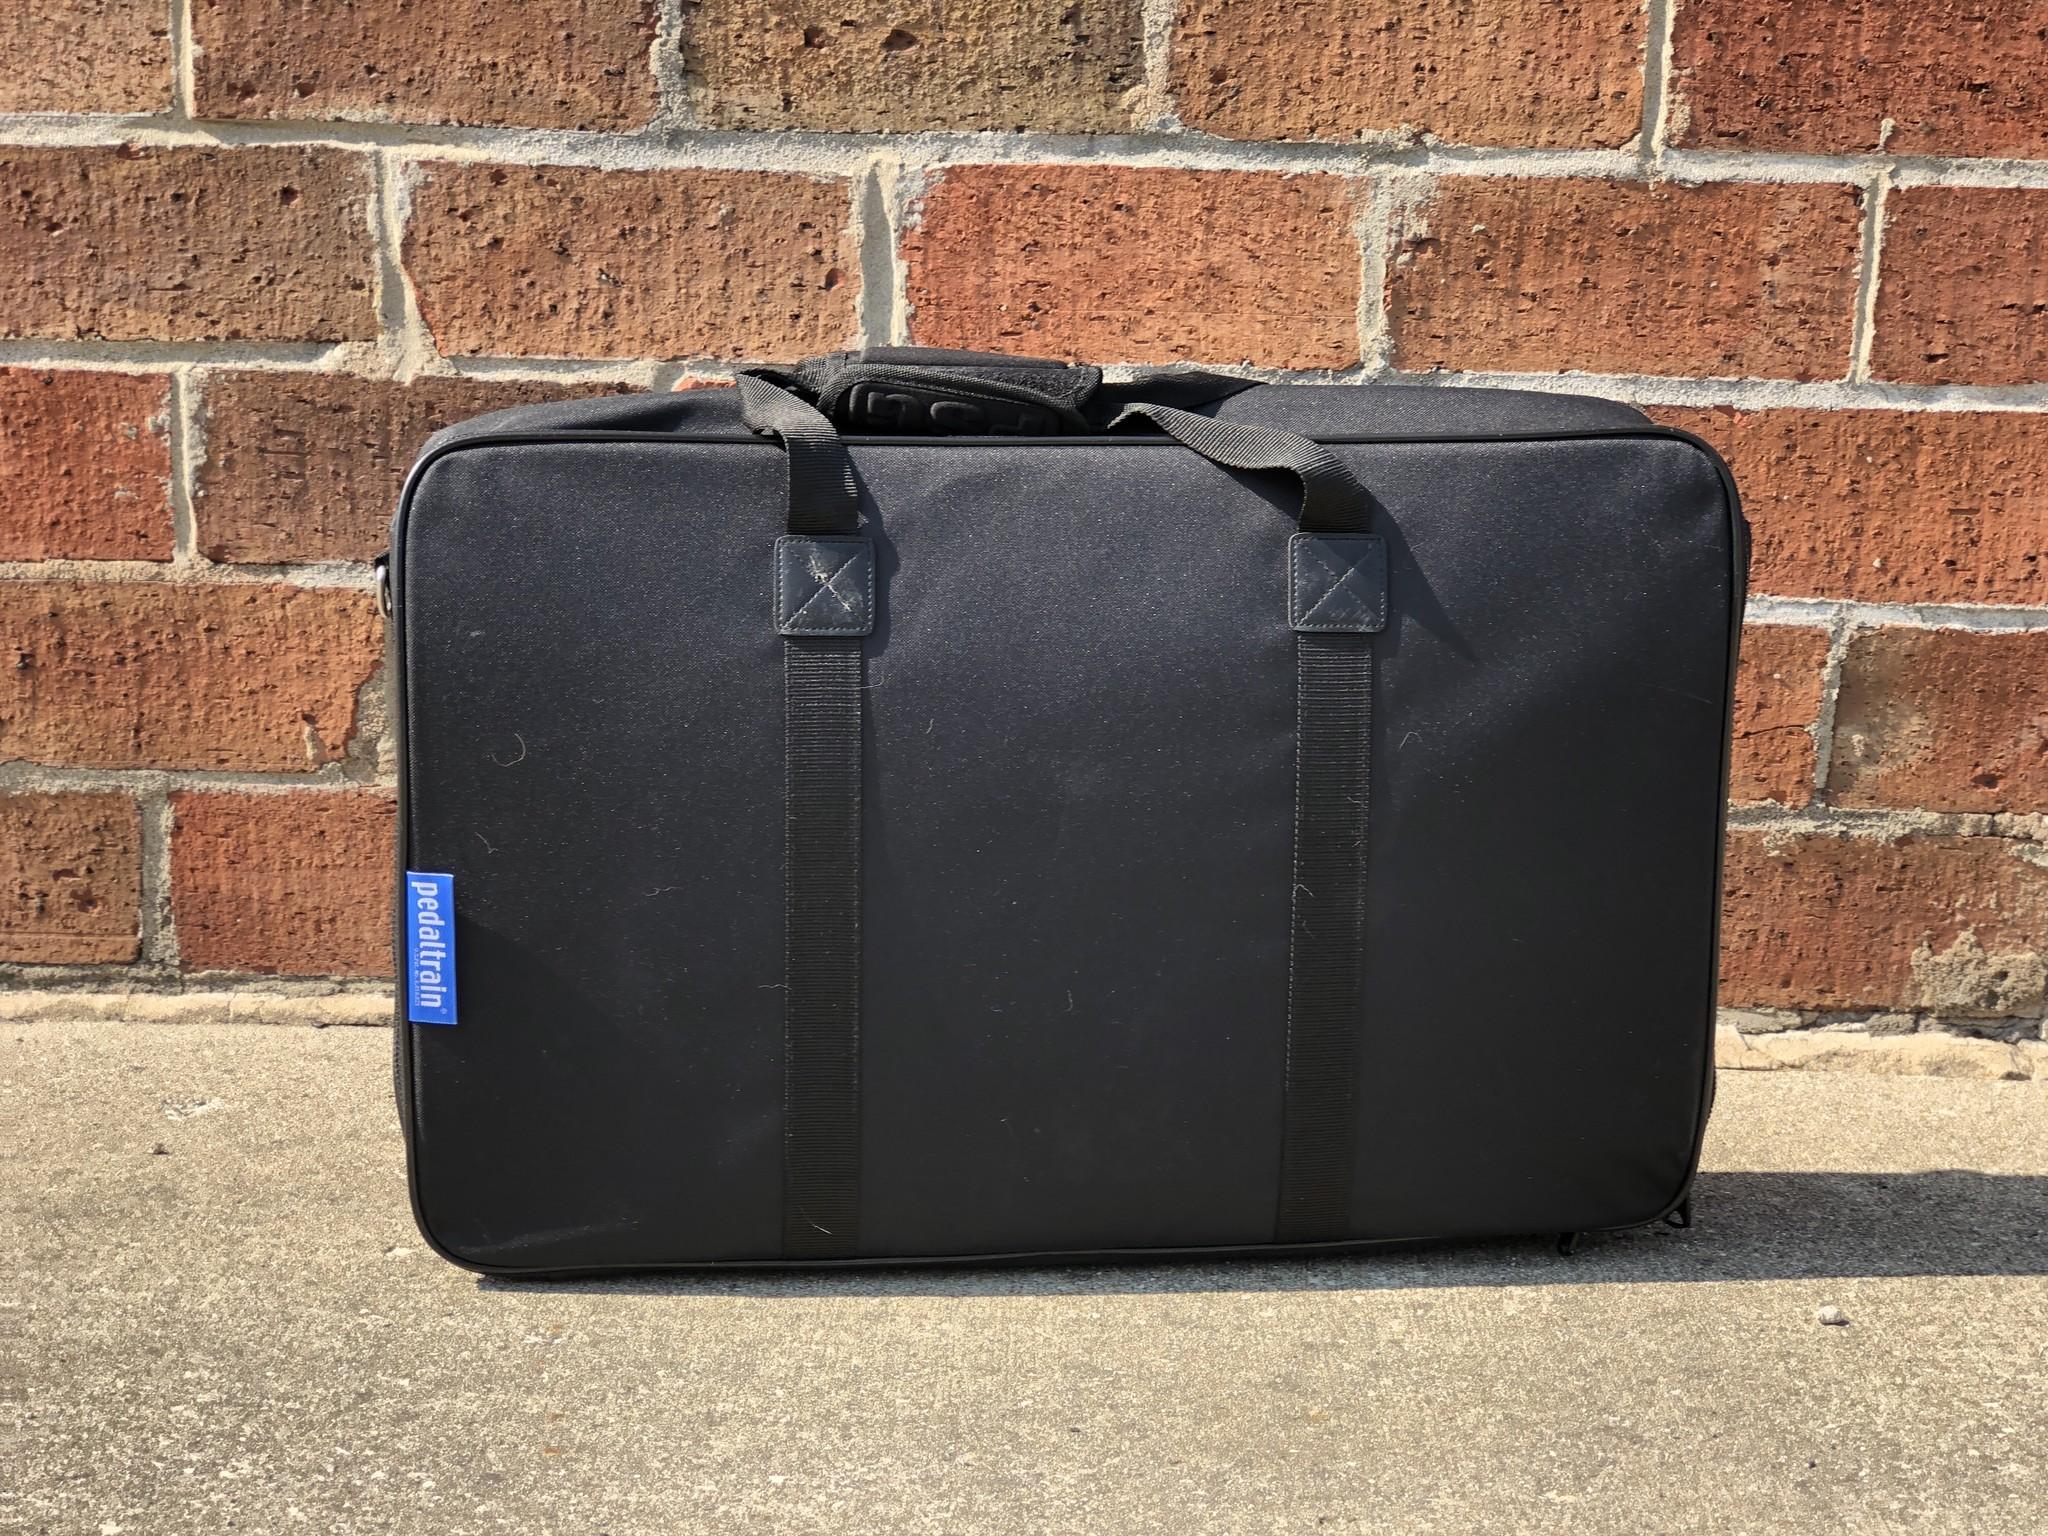 PedalTrain Novo 24 w/ soft bag #2-4